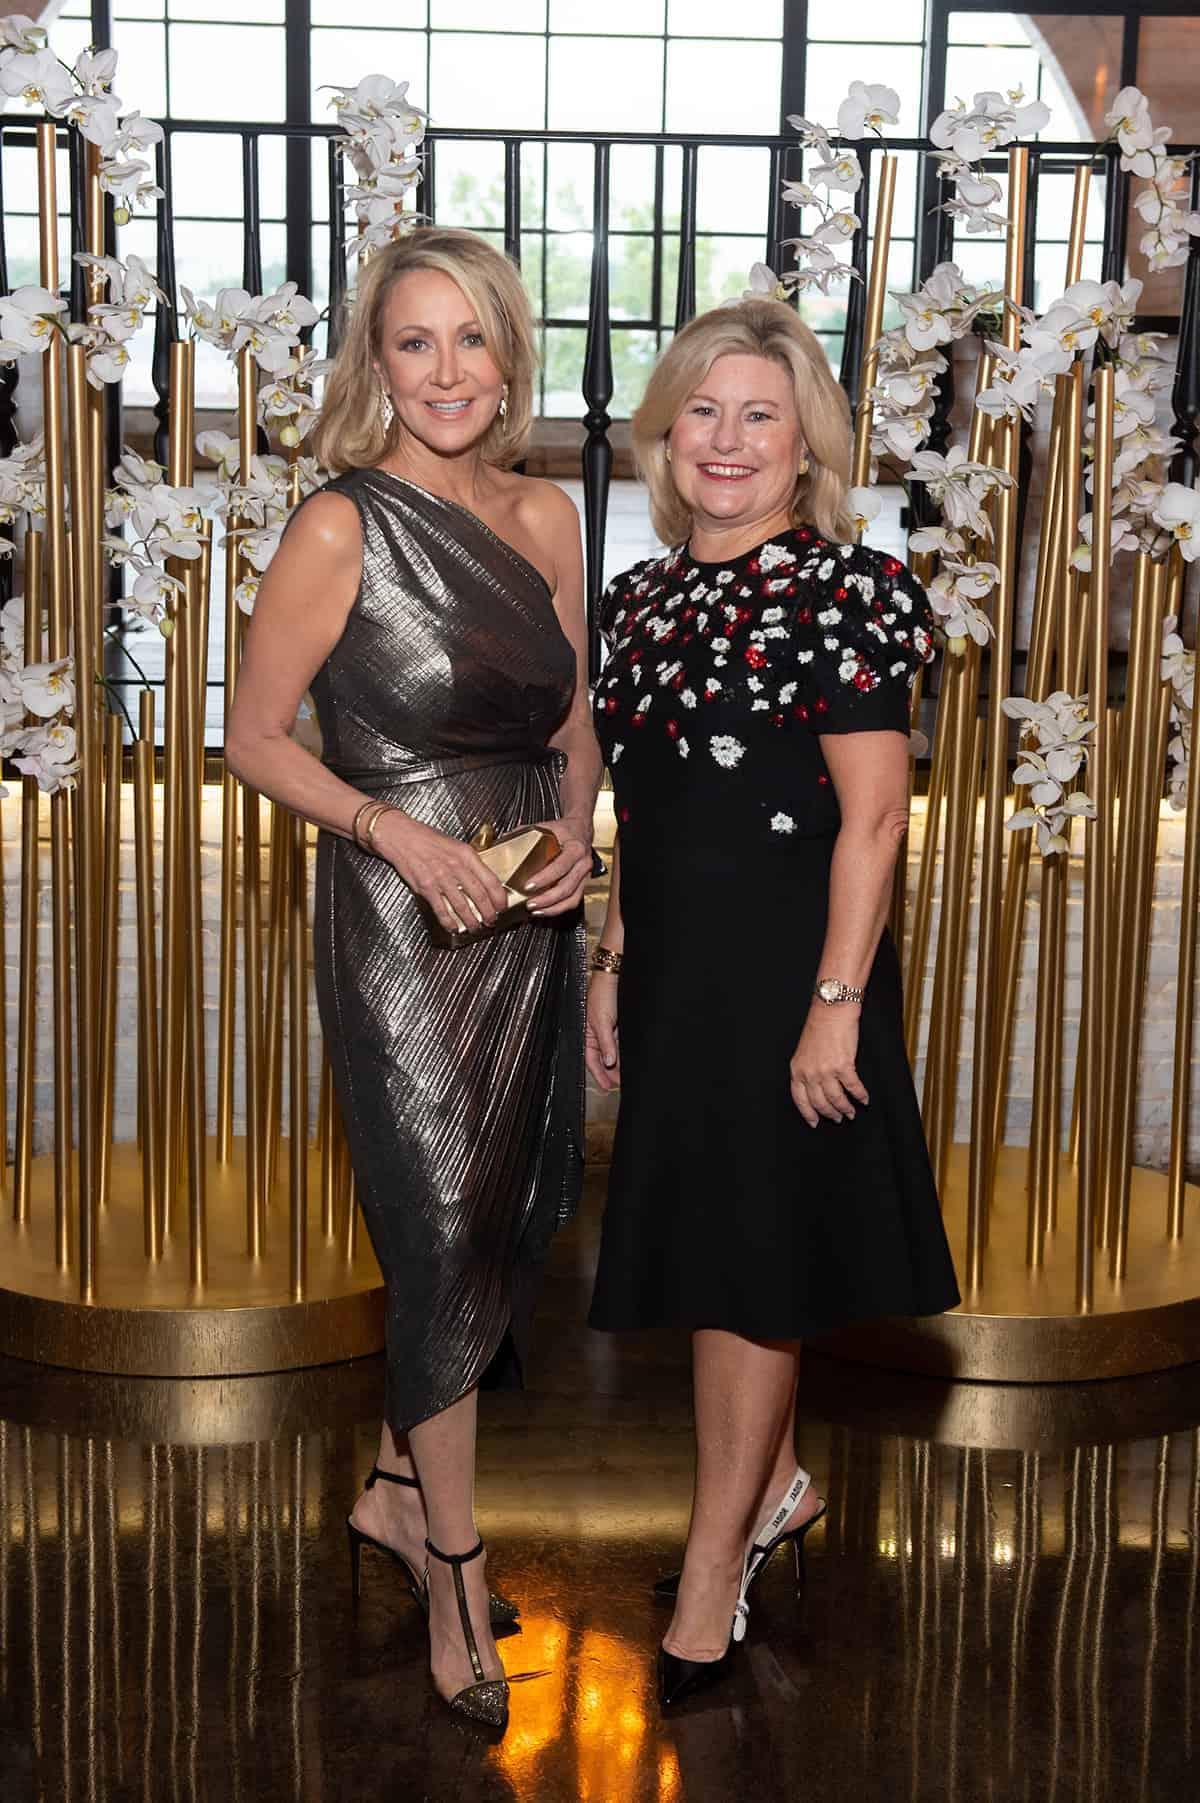 Leslie Siller and Maureen Higdon